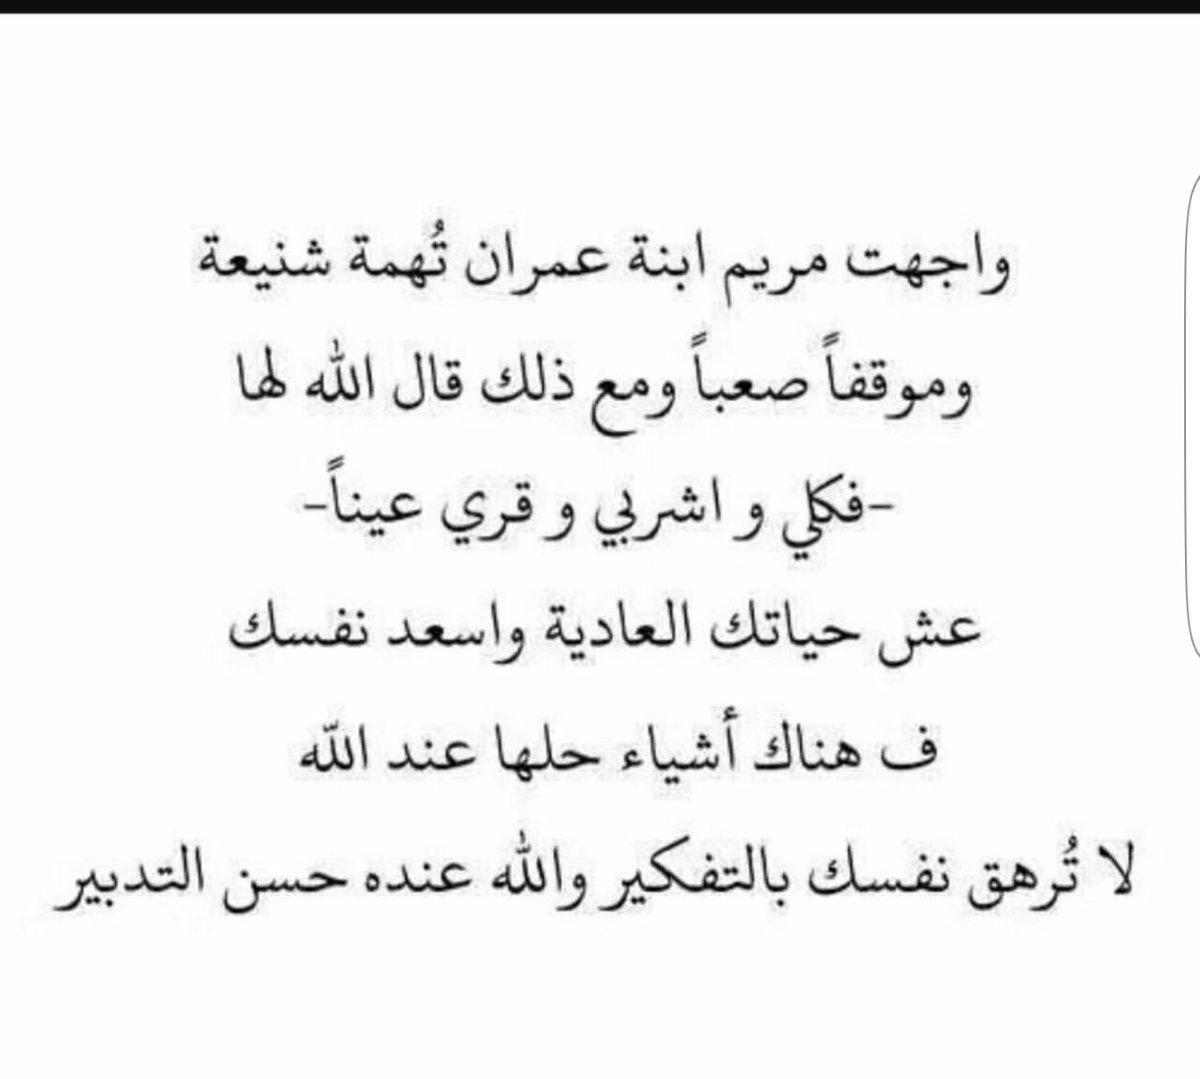 والنعم بالله https://t.co/7iw7zdY3sa